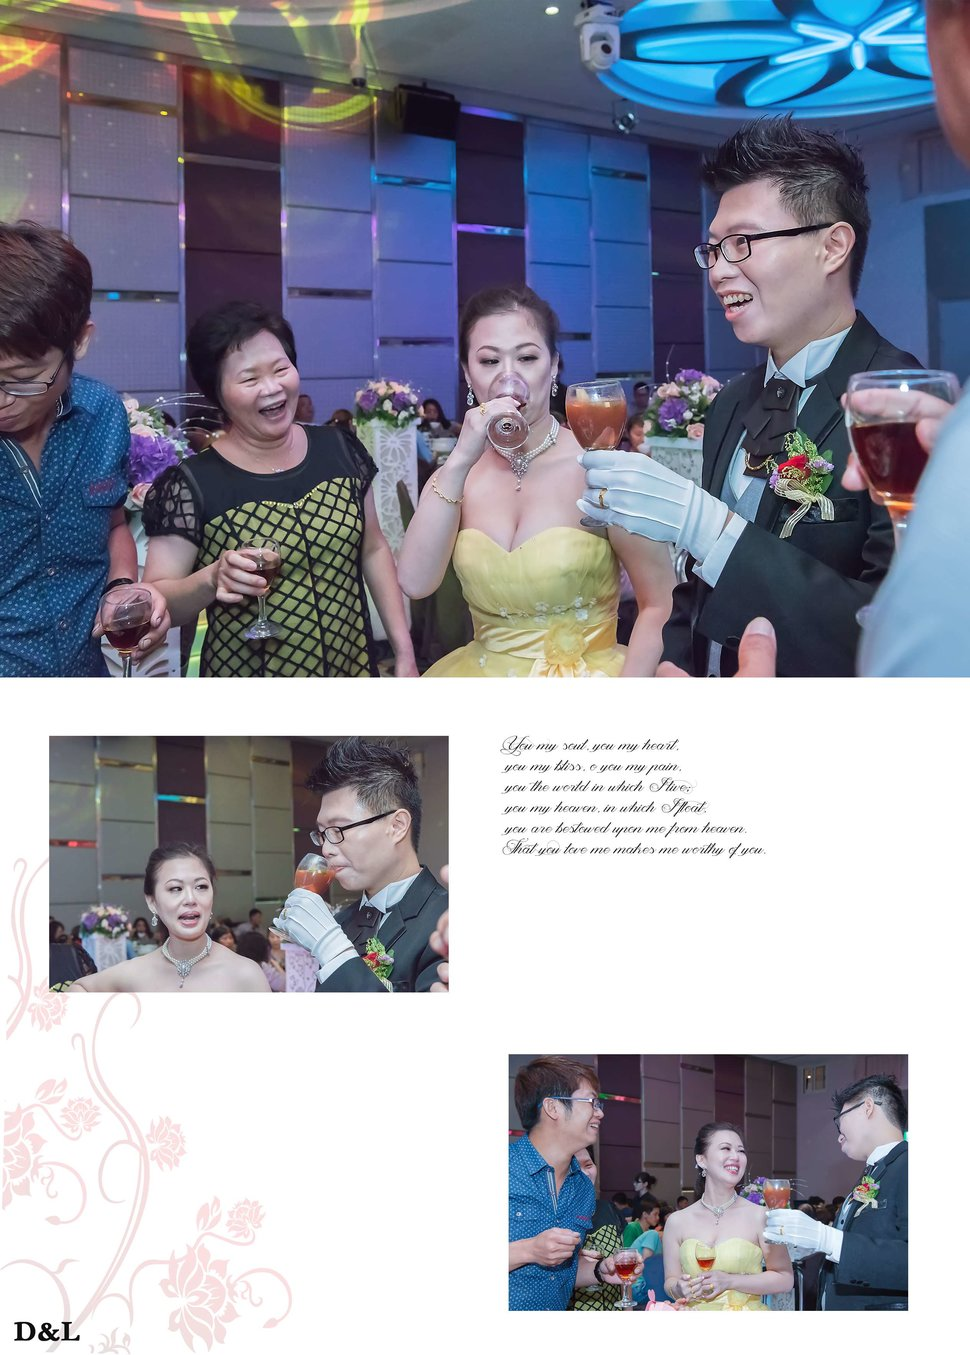 台中婚攝 婚禮紀錄 顥天&美彣 菊園婚宴會館(編號:253205) - D&L 婚禮事務-婚紗攝影/婚禮記錄 - 結婚吧